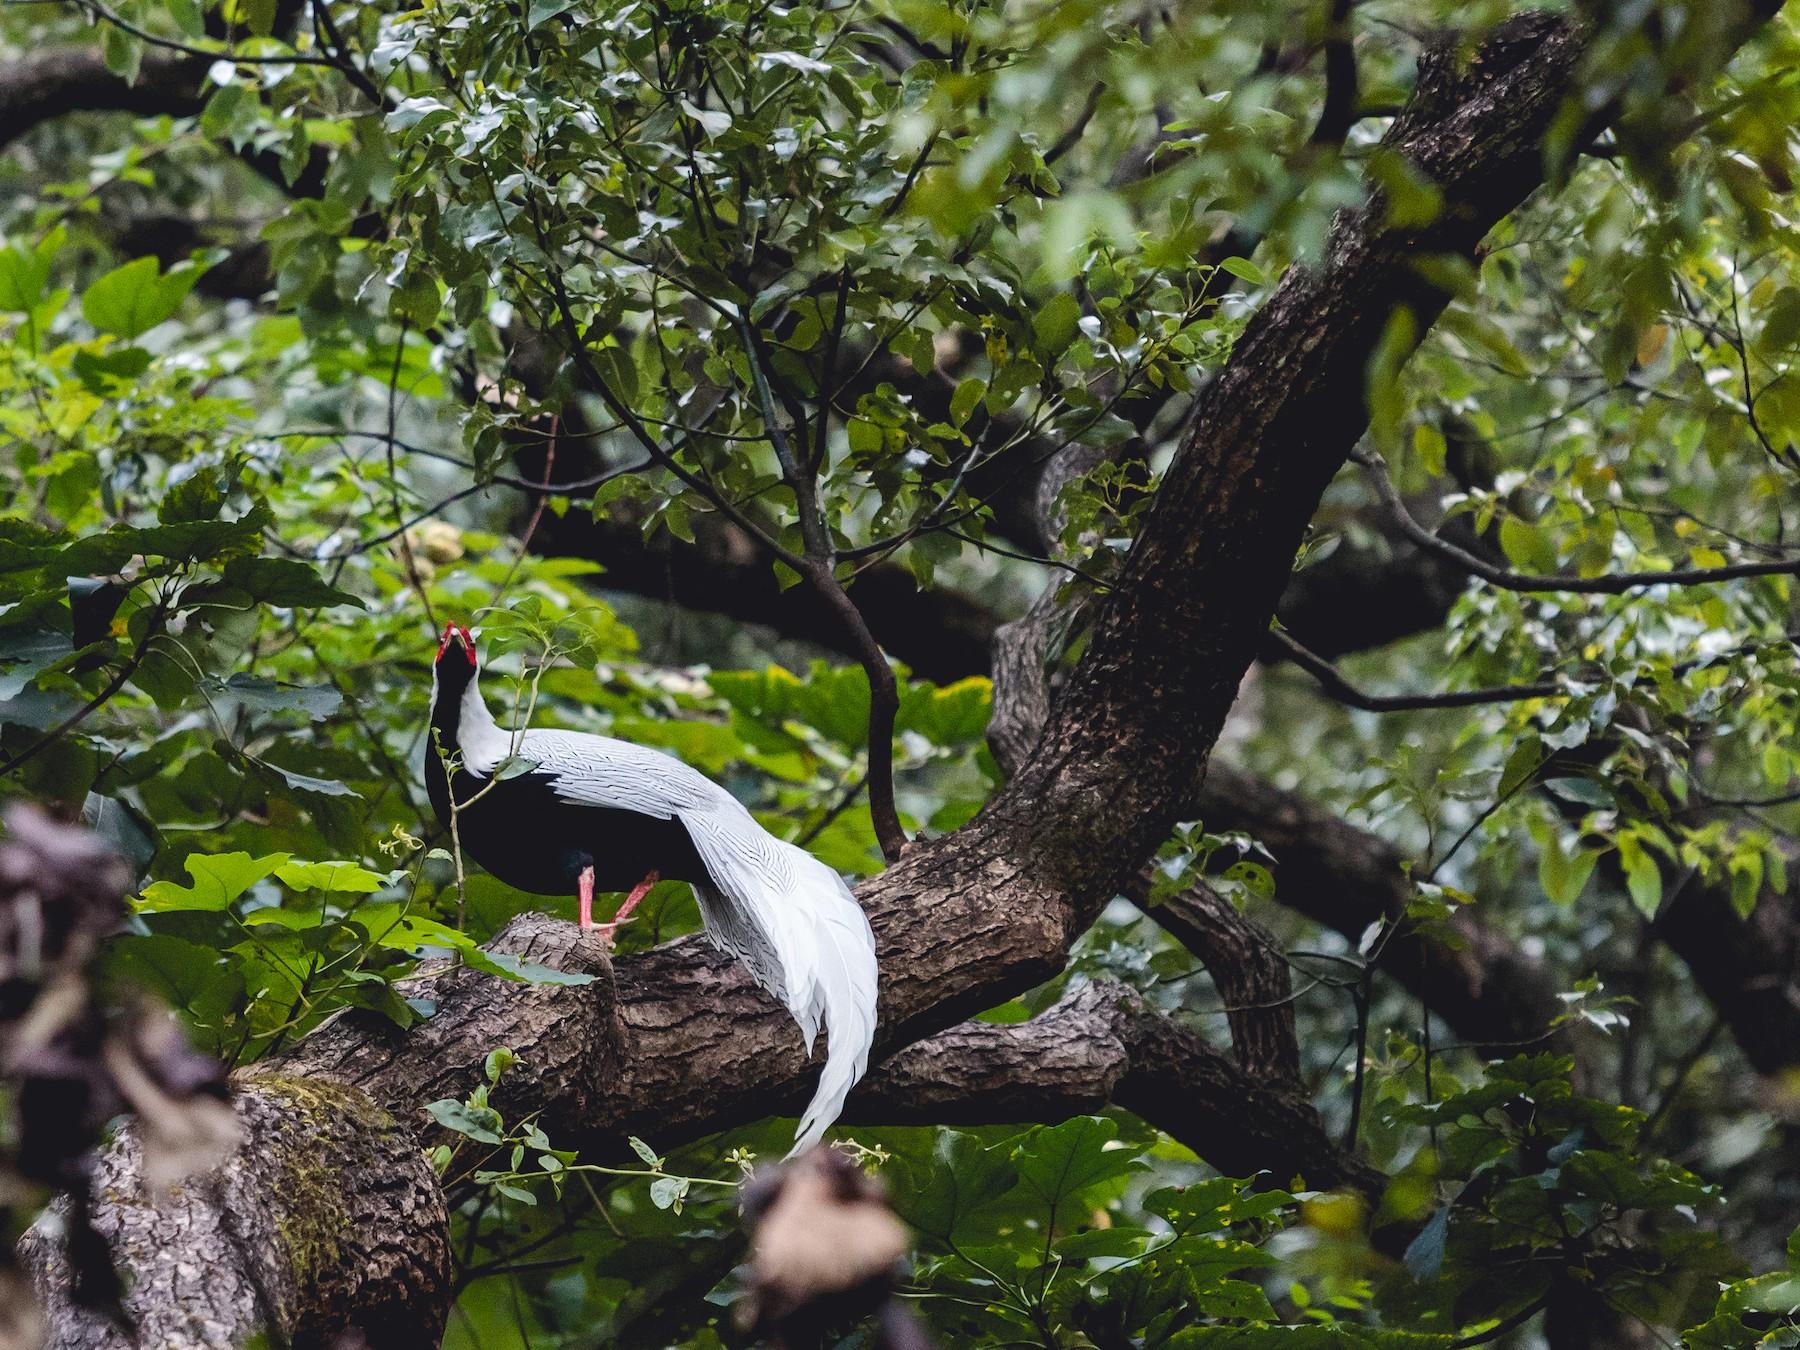 Silver Pheasant - Maojin Lang